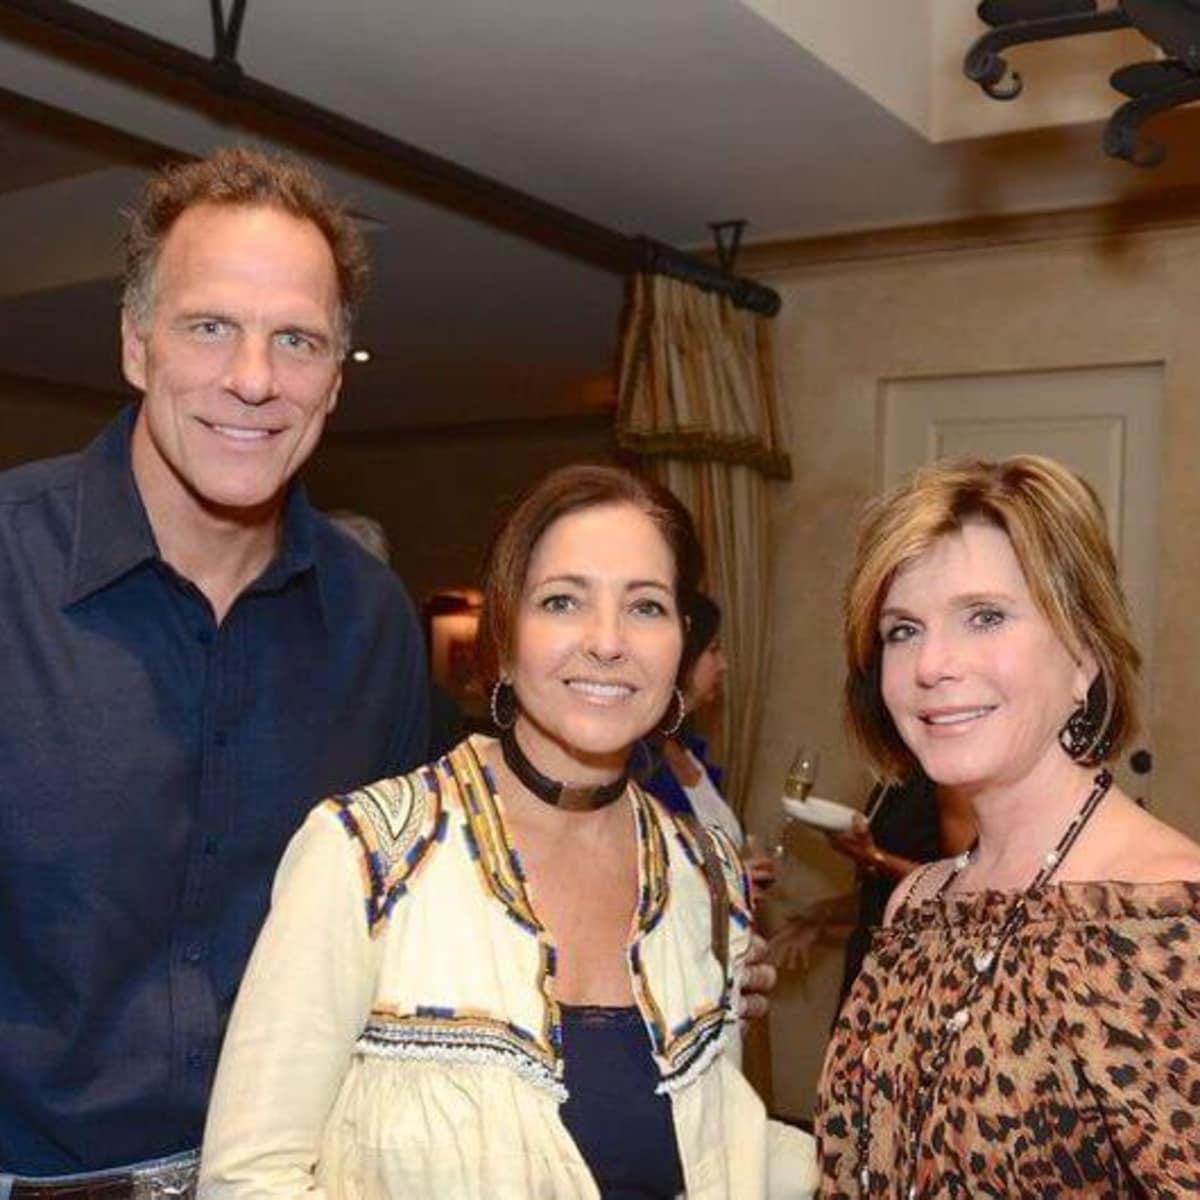 Houston, Hotel Granduca Houston's 10th Anniversary, Oct. 2016, Ray Childress, Cara Childress, Trish Millard